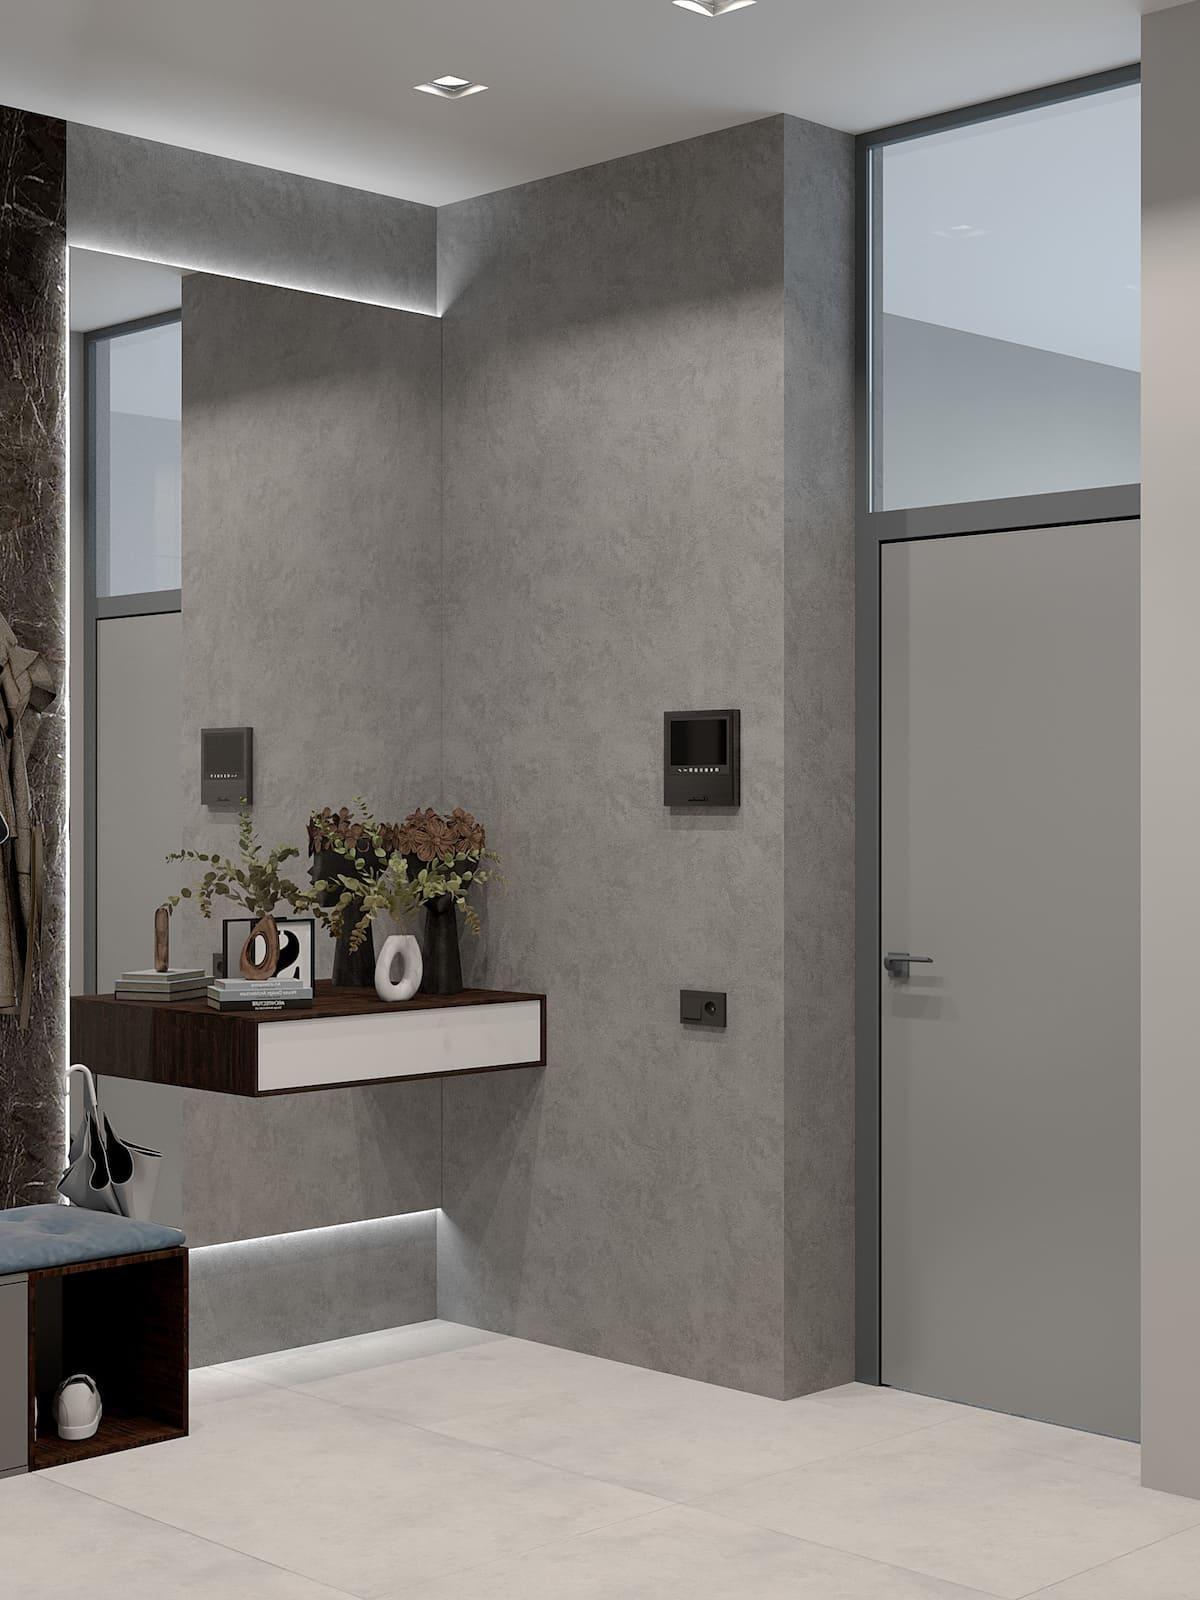 design d'intérieur couloir photo 19